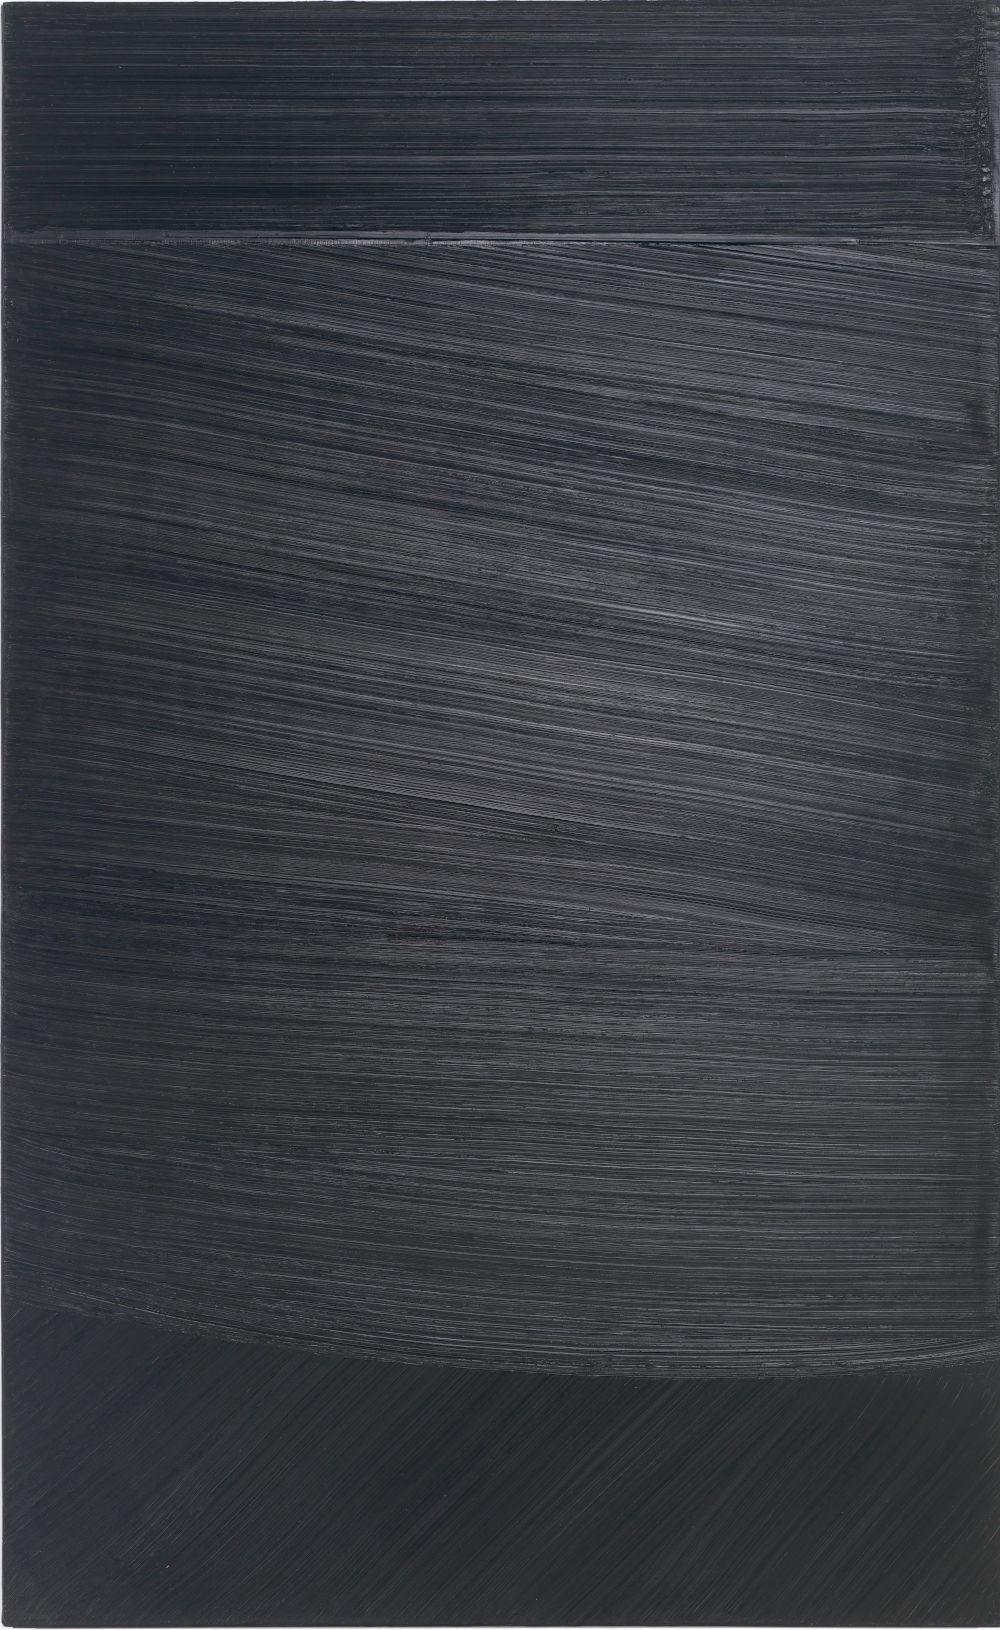 Peinture 222 x 137 cm, Printemps 1980